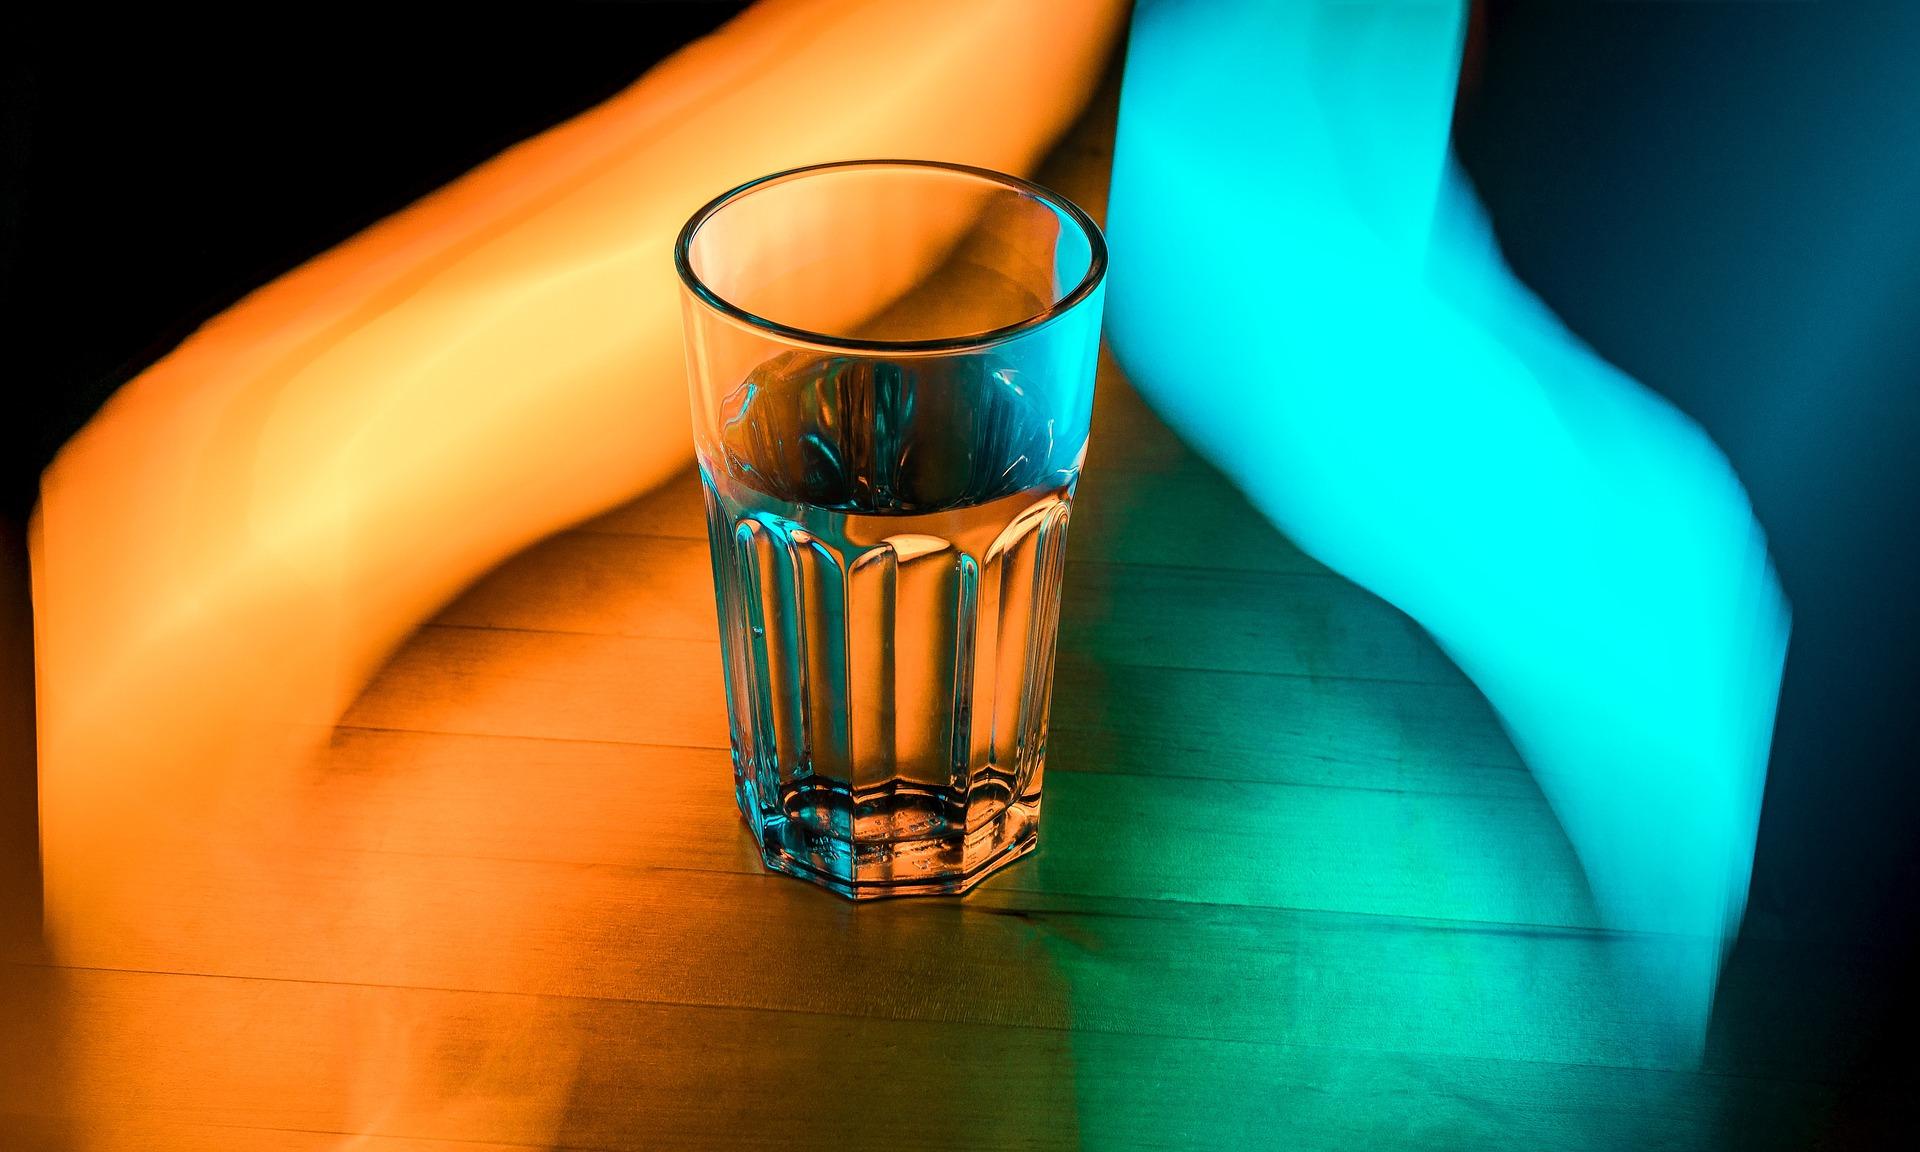 Le meilleur moyen de purifier l'eau de votre maison